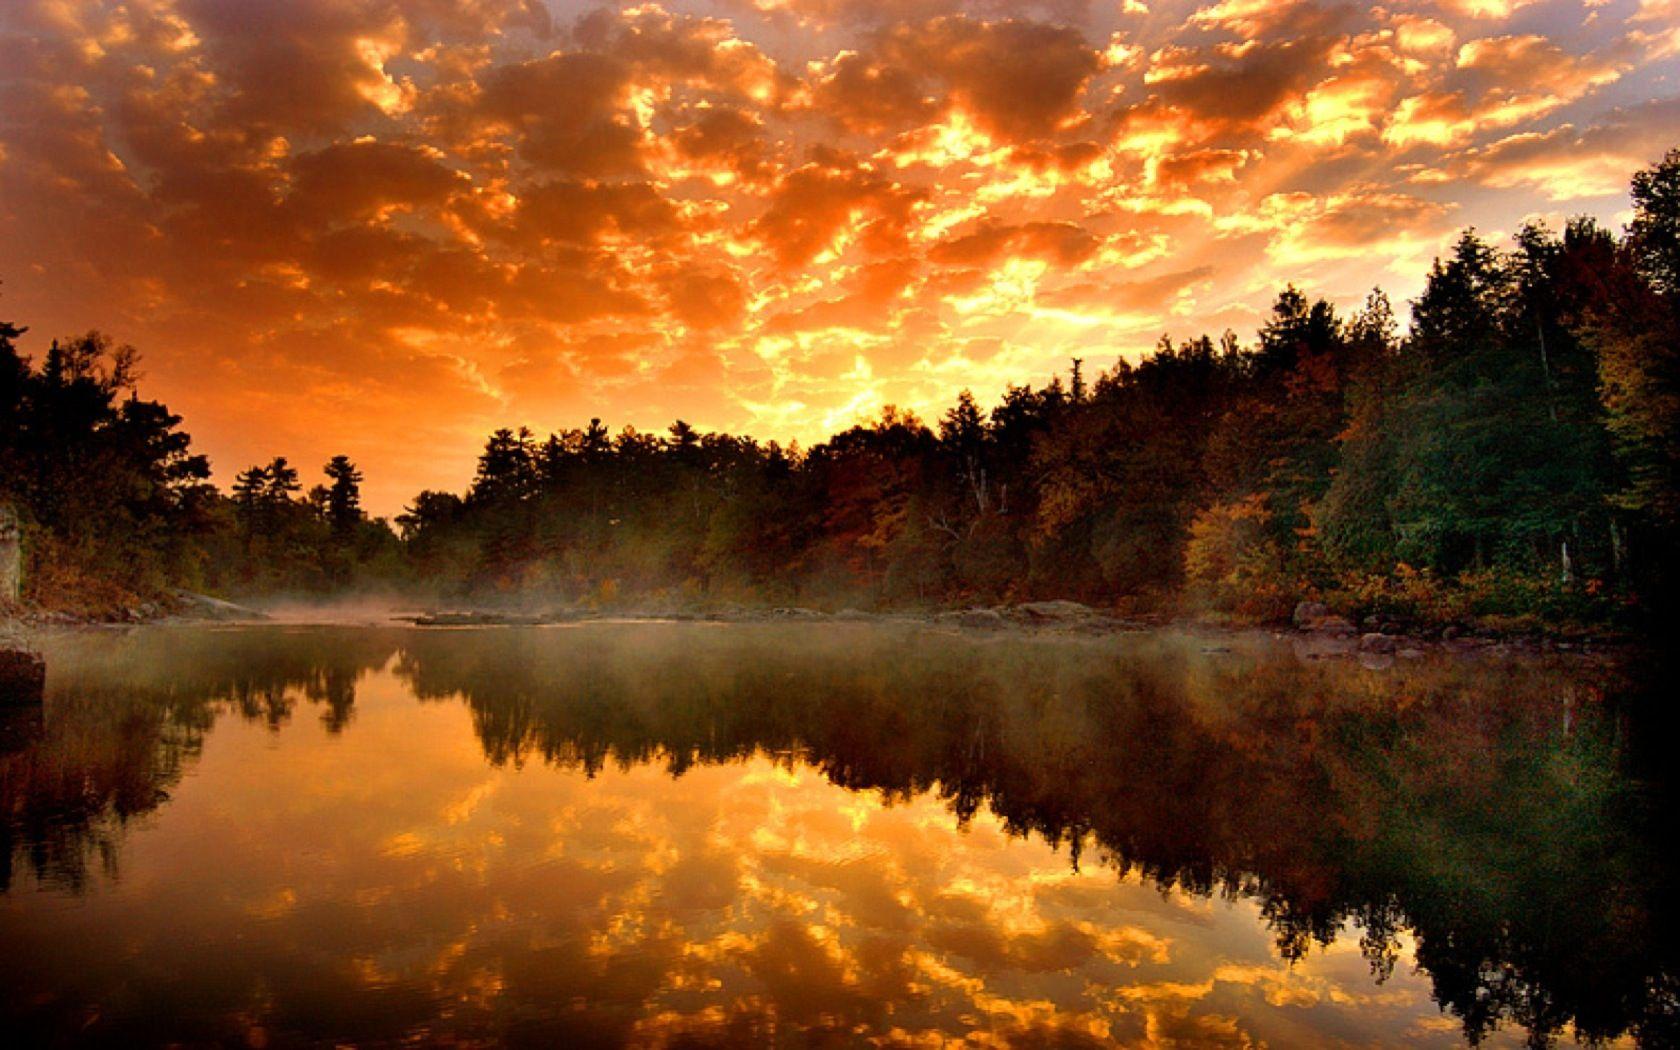 壁紙 美しい紅葉の壁紙 1680x1050 壁紙 美しい紅葉の壁紙 500 秋の壁紙 自然の写真 秋の壁紙 美しい景色